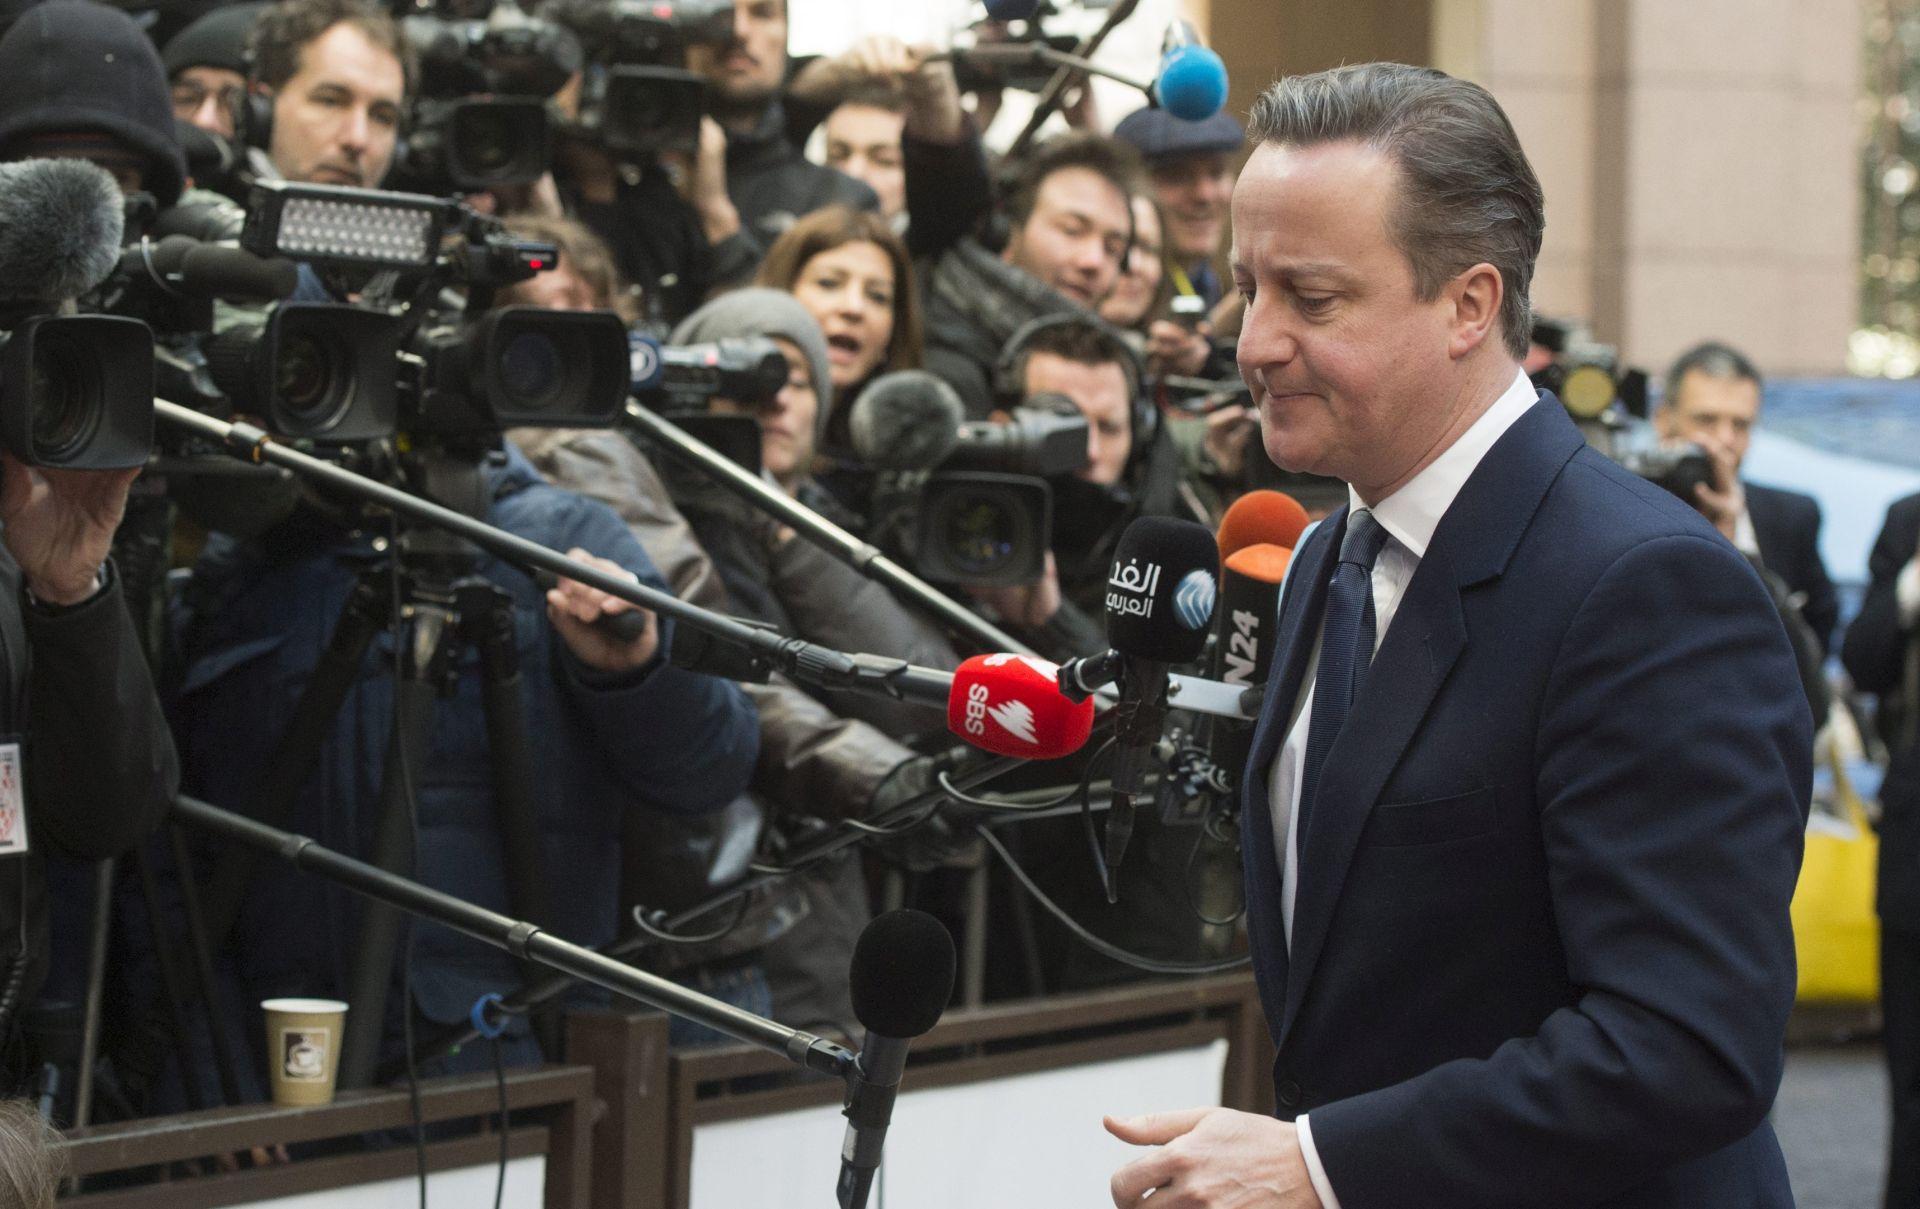 BRITANSKO ČLANSTVO U EU: Cameron danas objavljuje datum referenduma